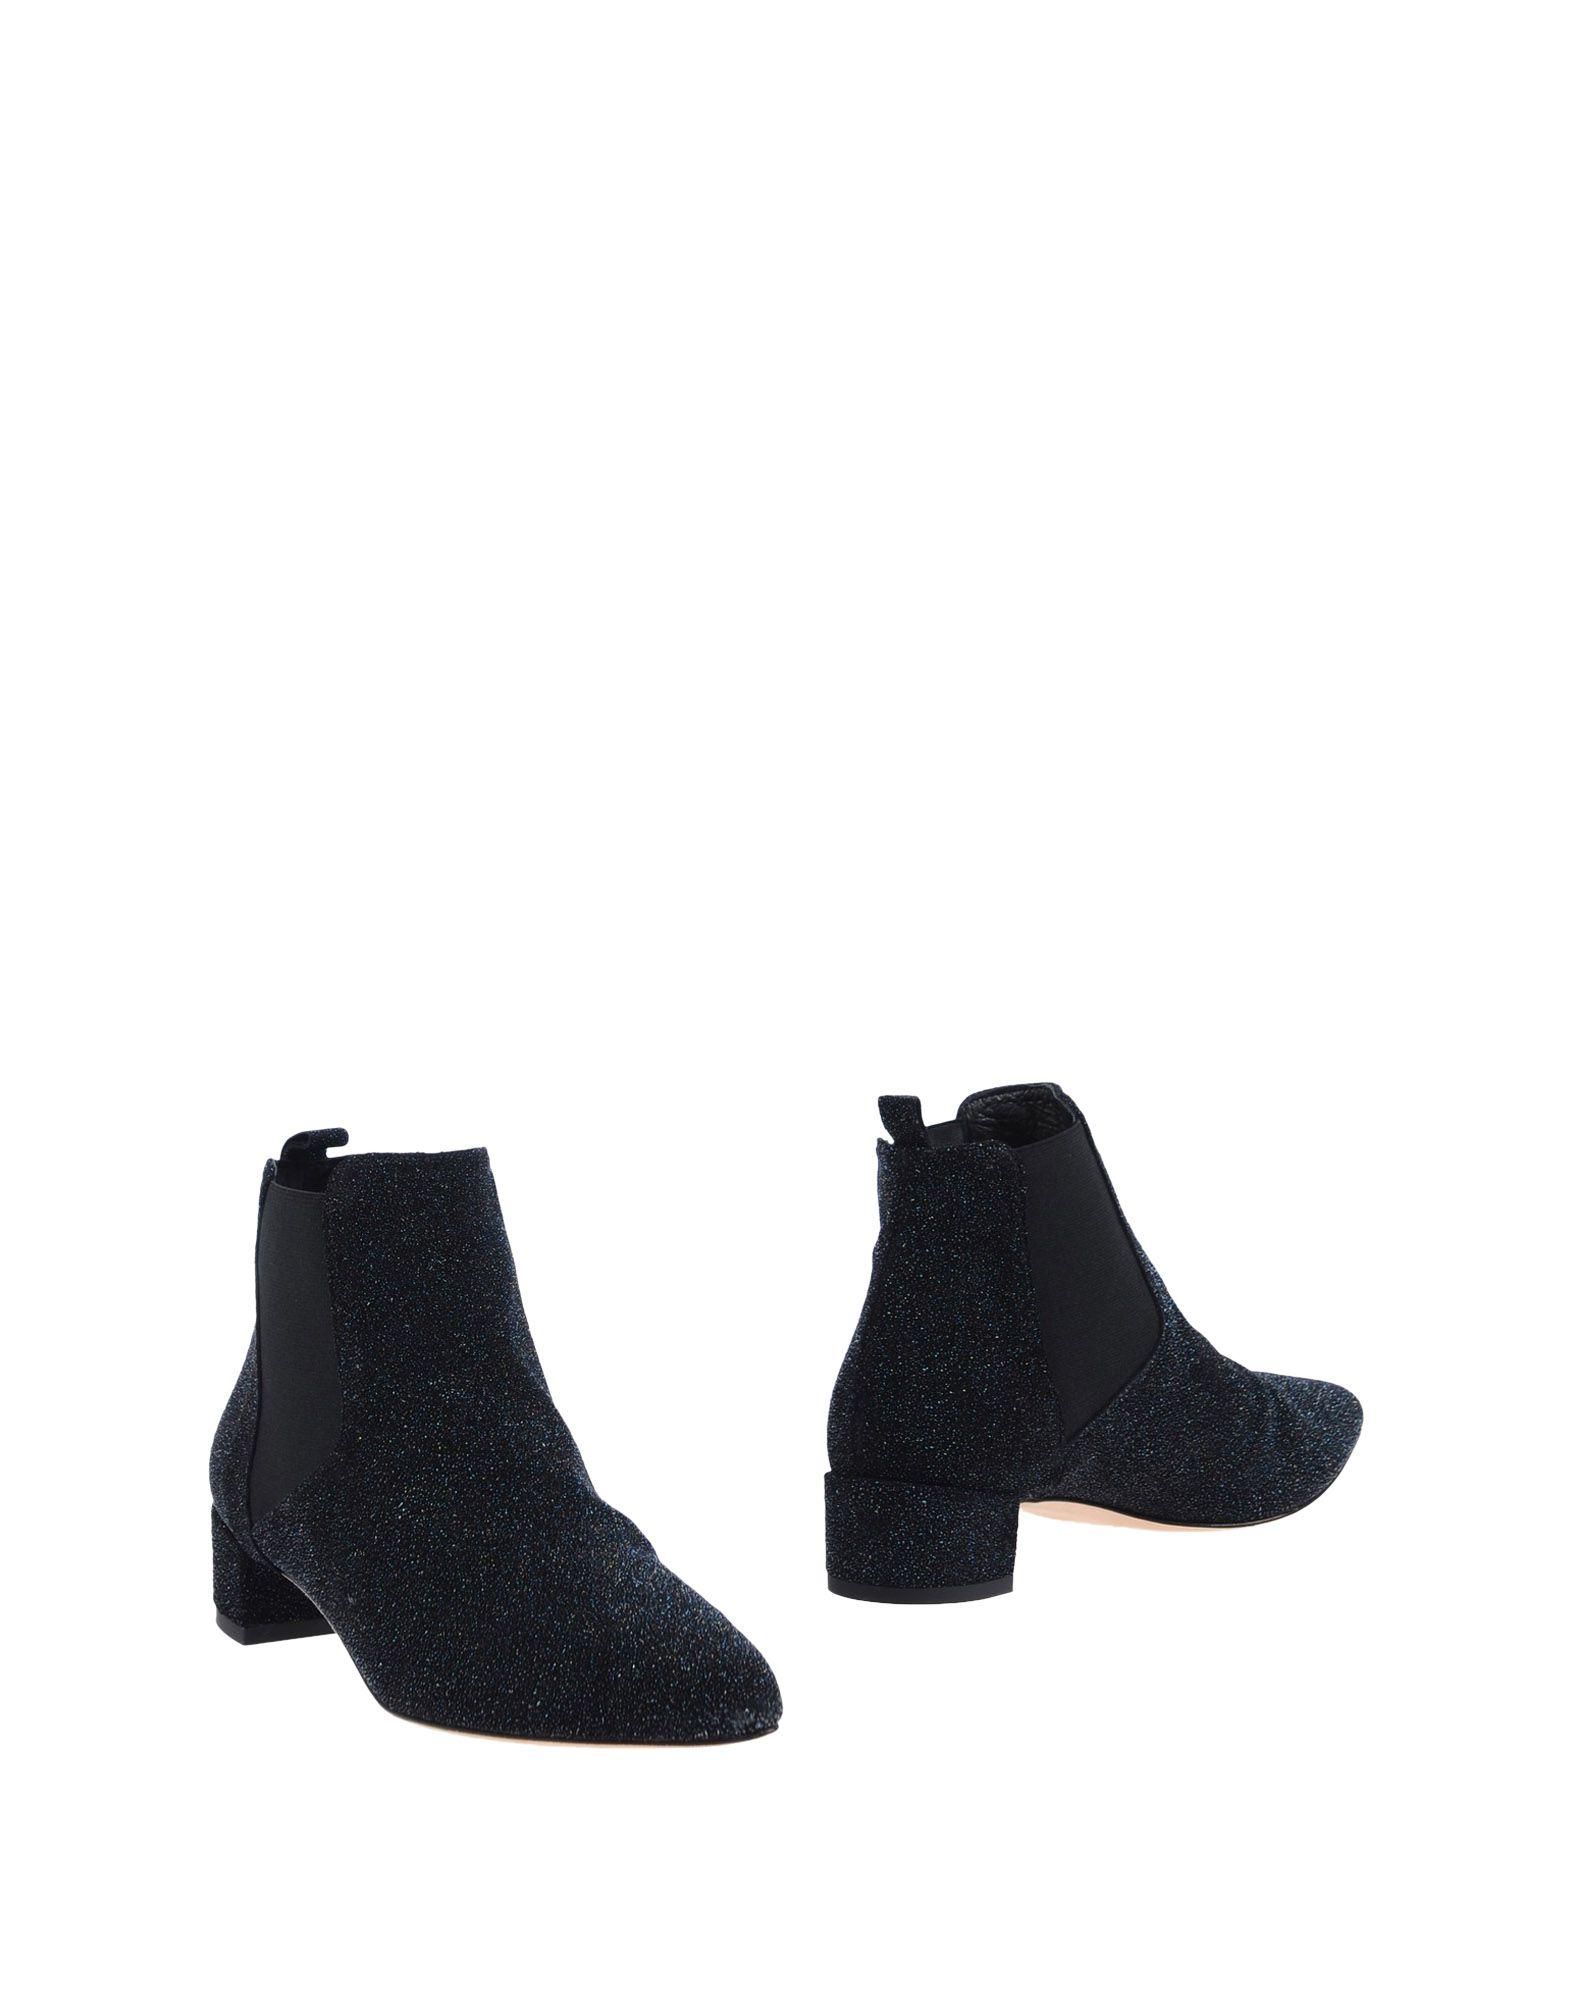 MIISTA Полусапоги и высокие ботинки miista полусапоги и высокие ботинки